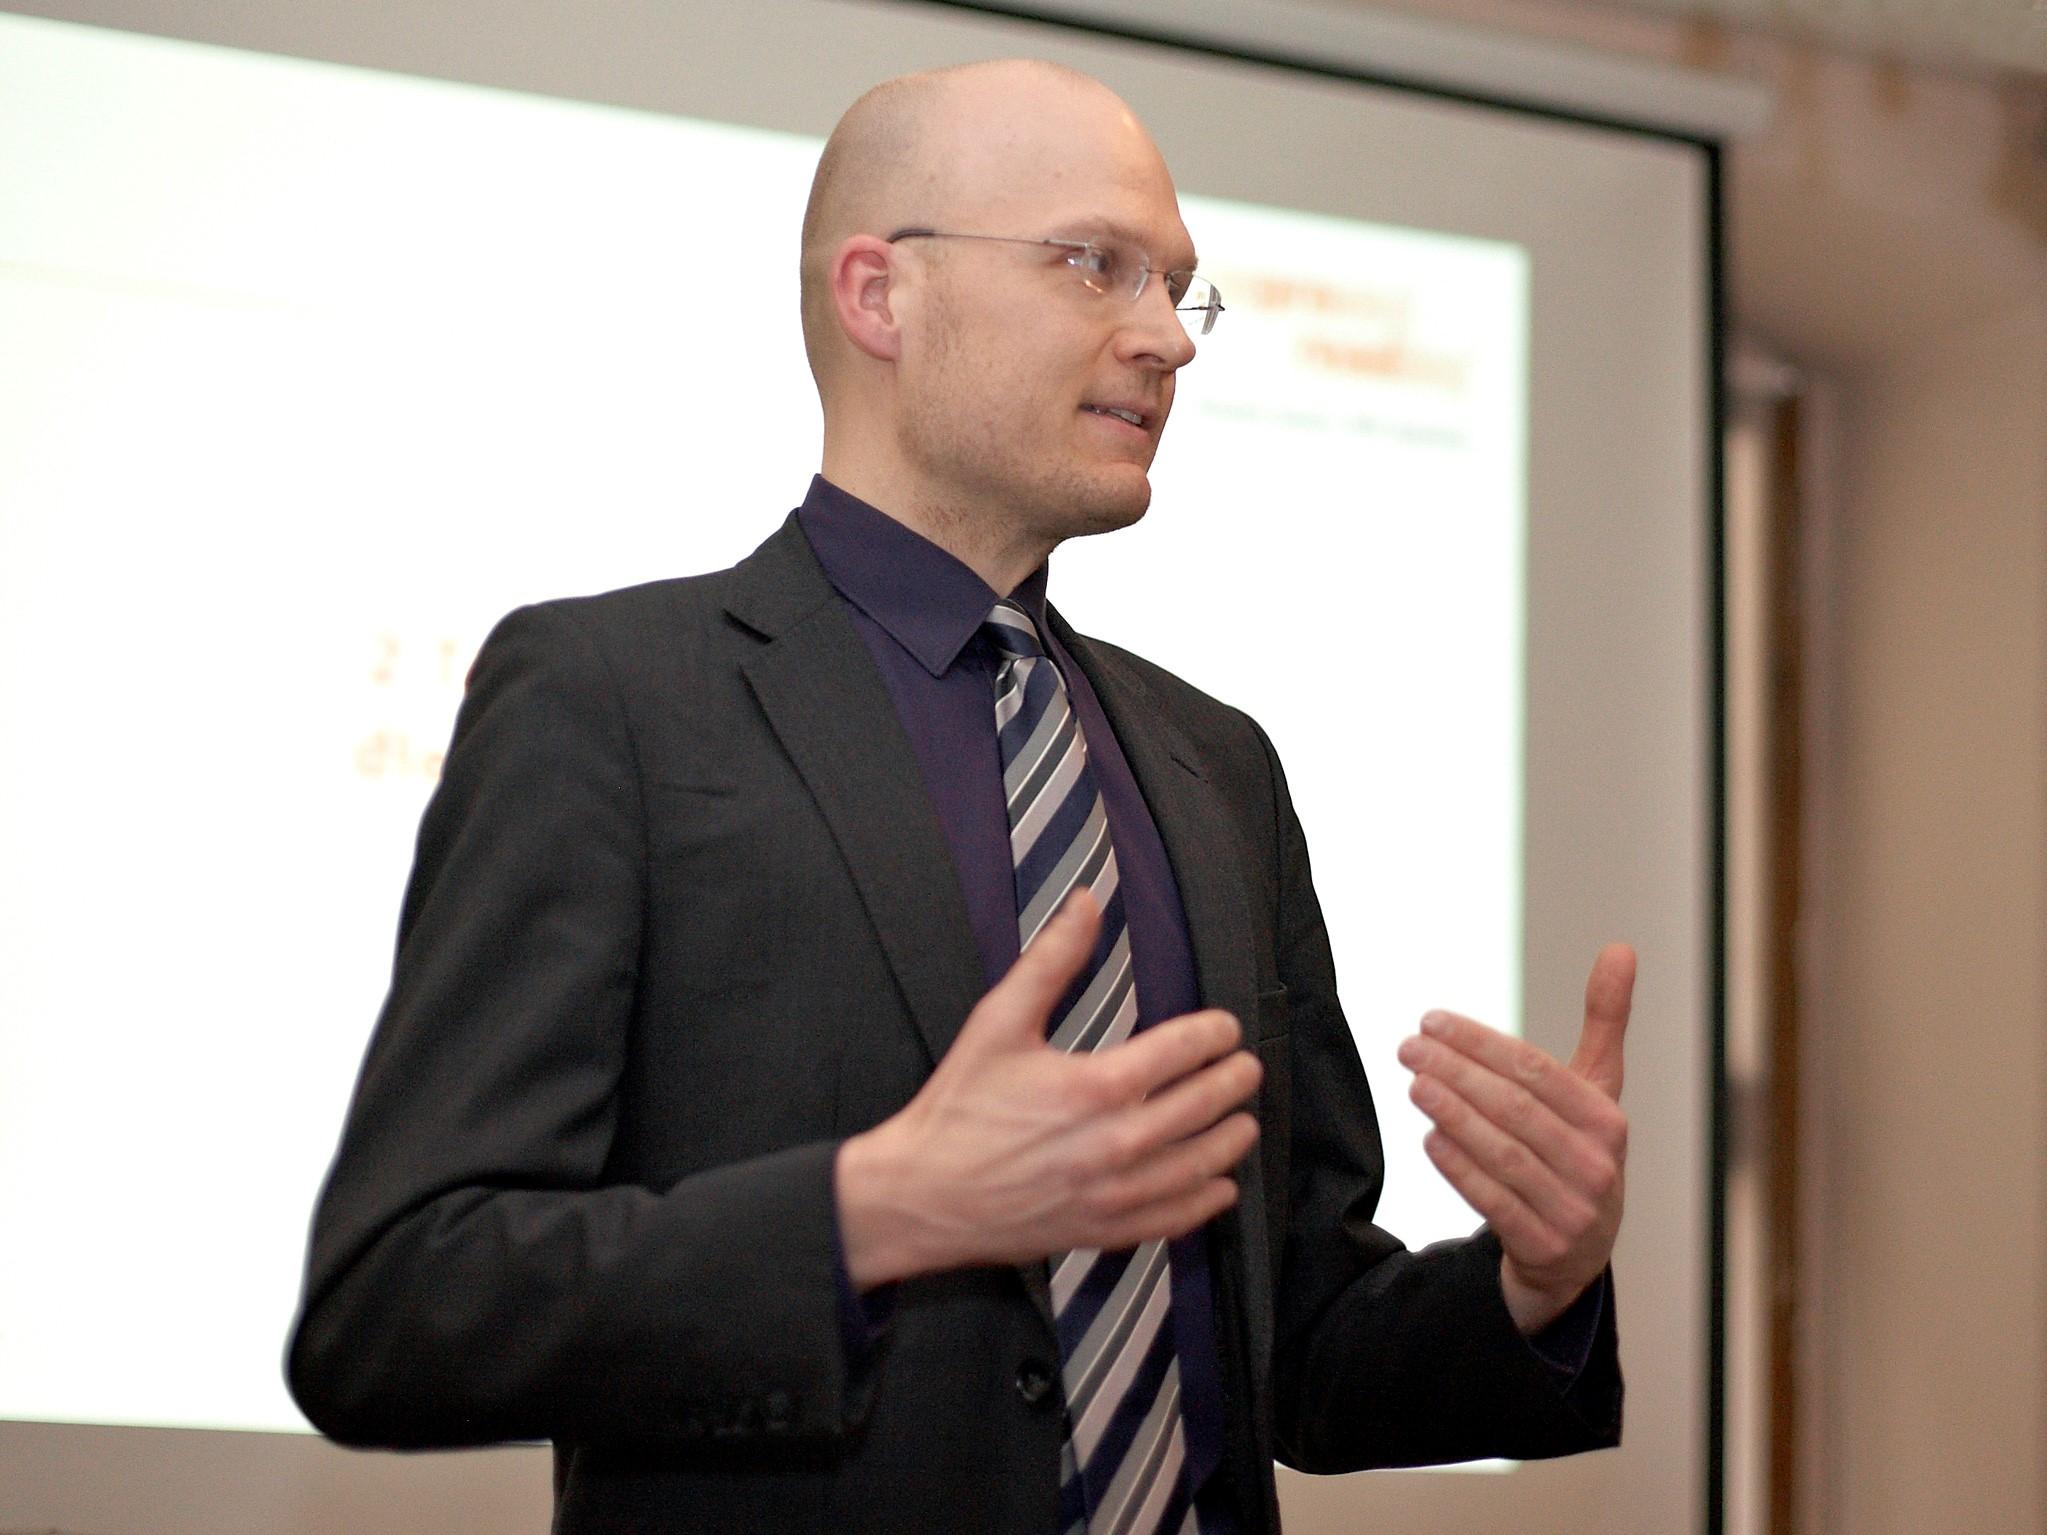 Friedrich Hasse, Speed Reading-Trainer für Improved Reading seit 2003, steht für die Zufriedenheit seiner Kunden ein